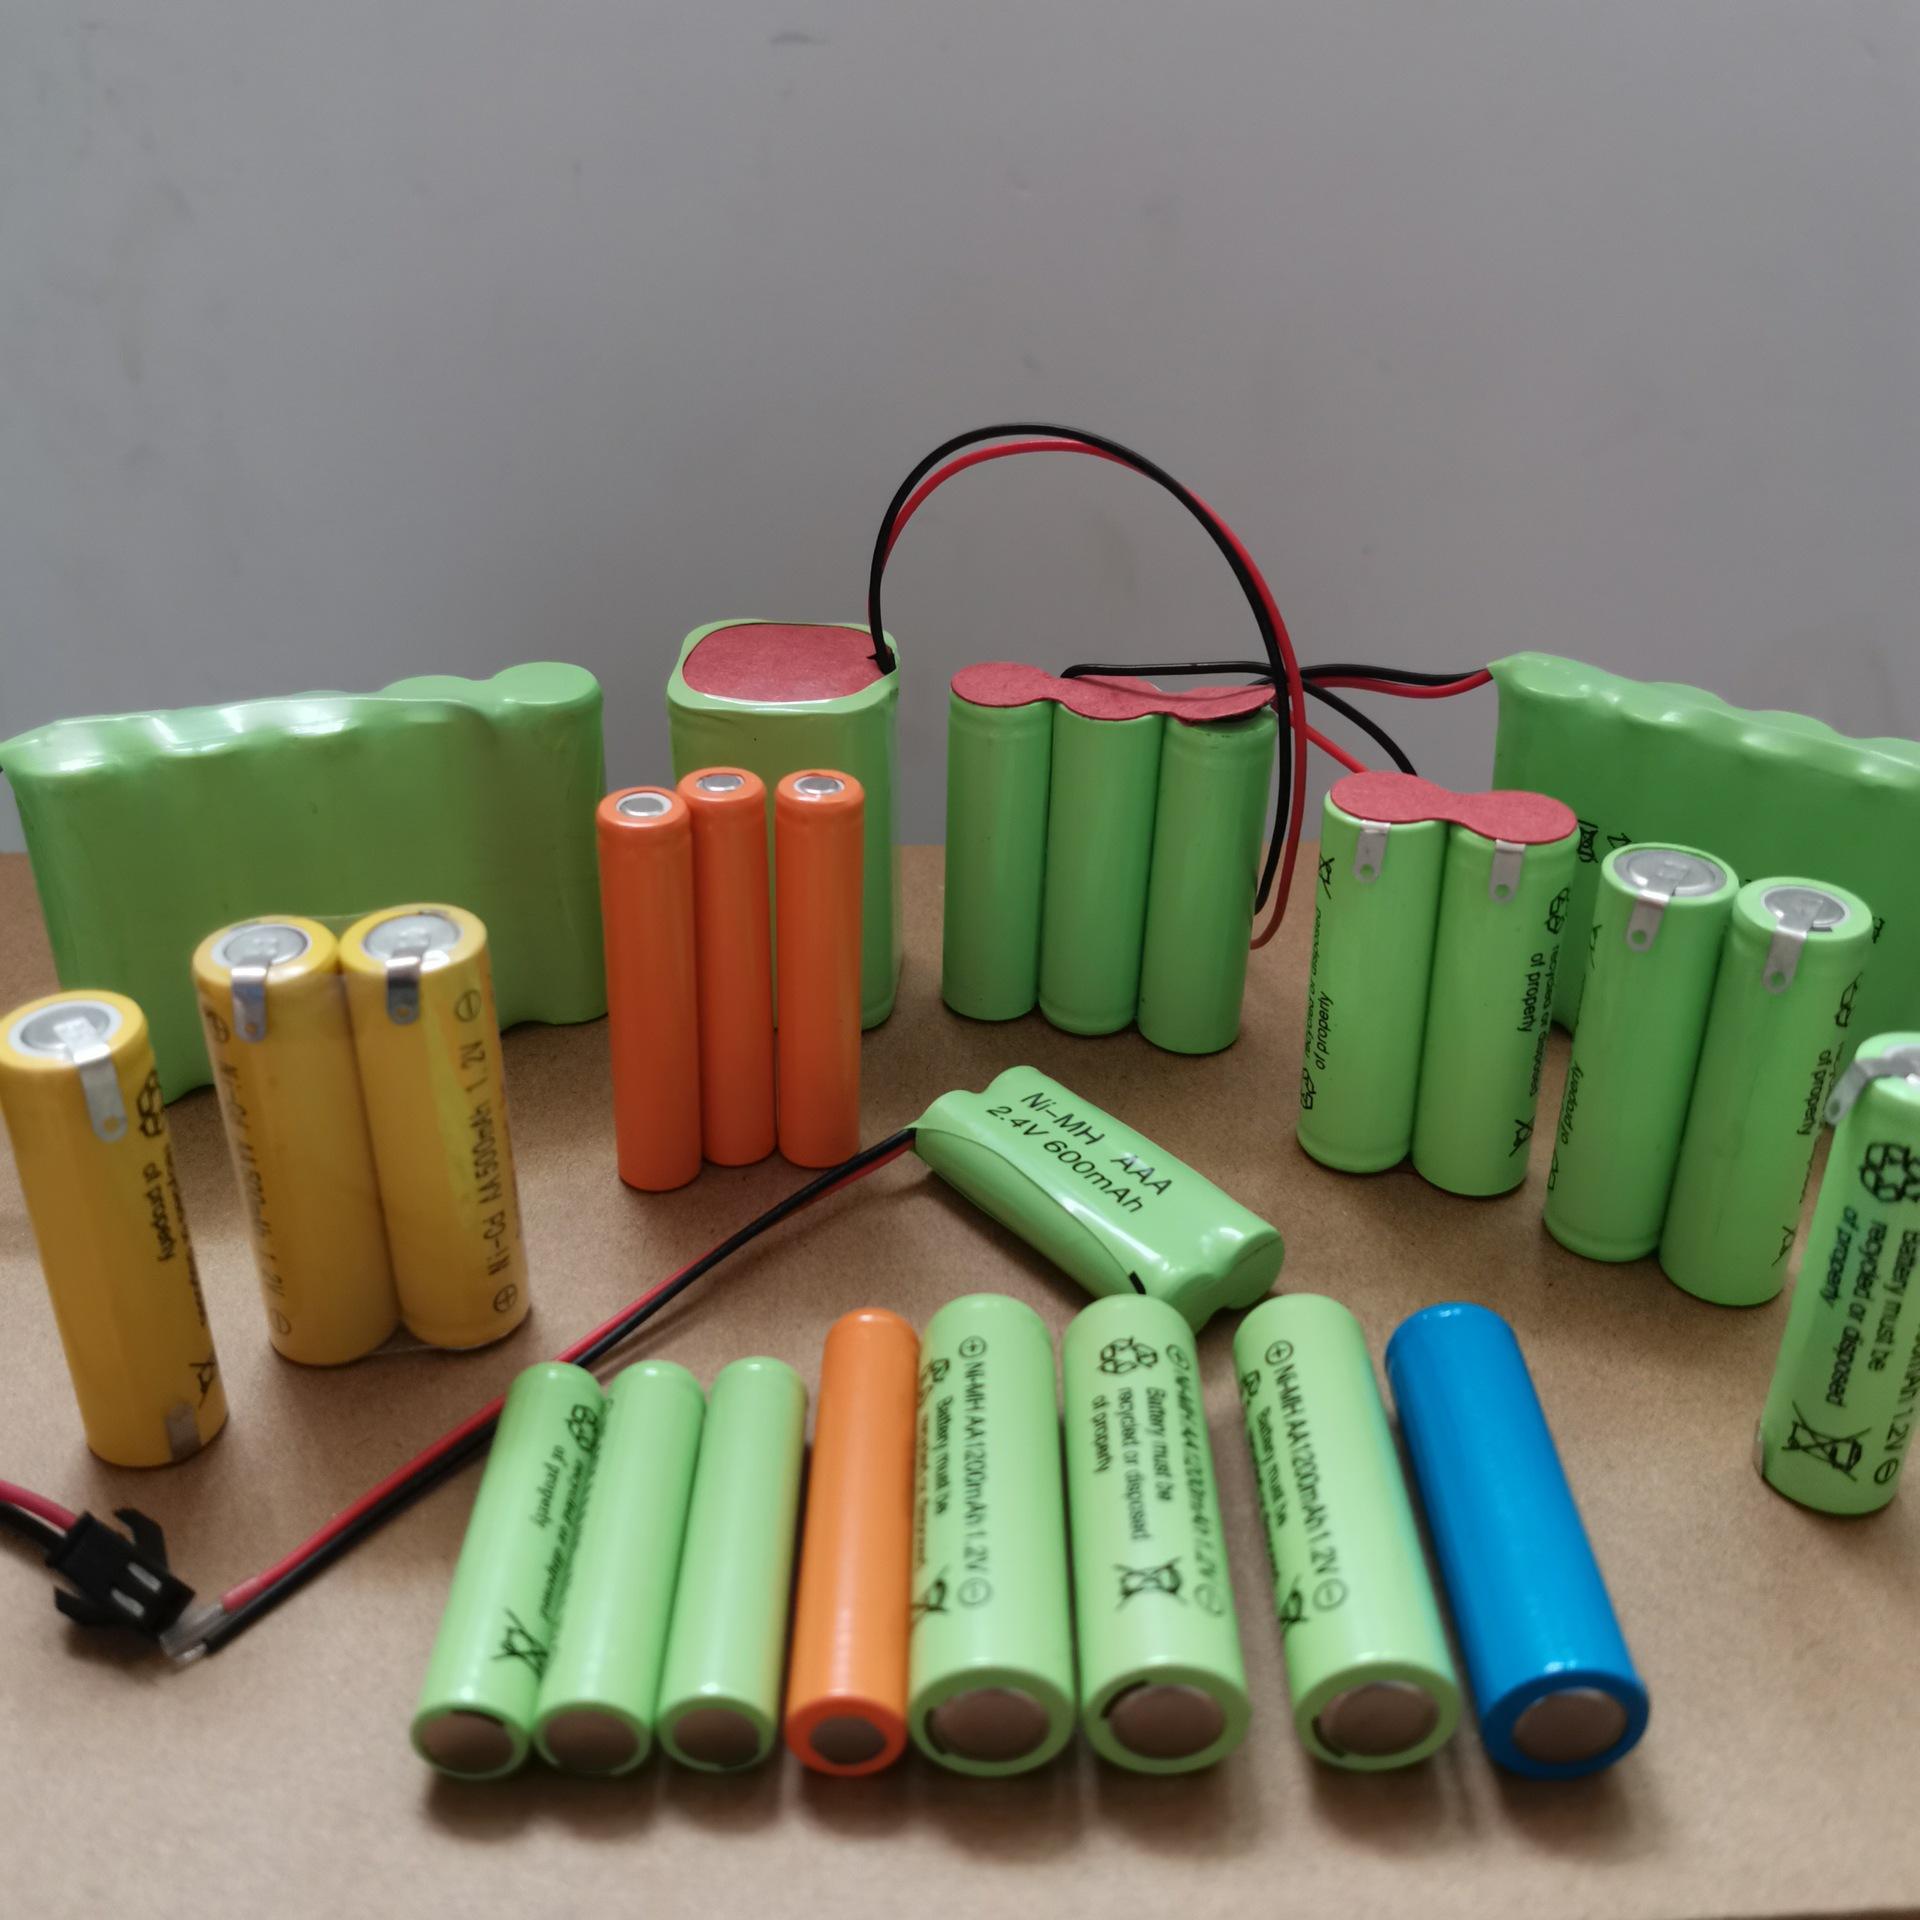 厂供 镍镉镍氢5号7号发泡镍充电电池AA AAA玩具灯具剃须刀电推剪